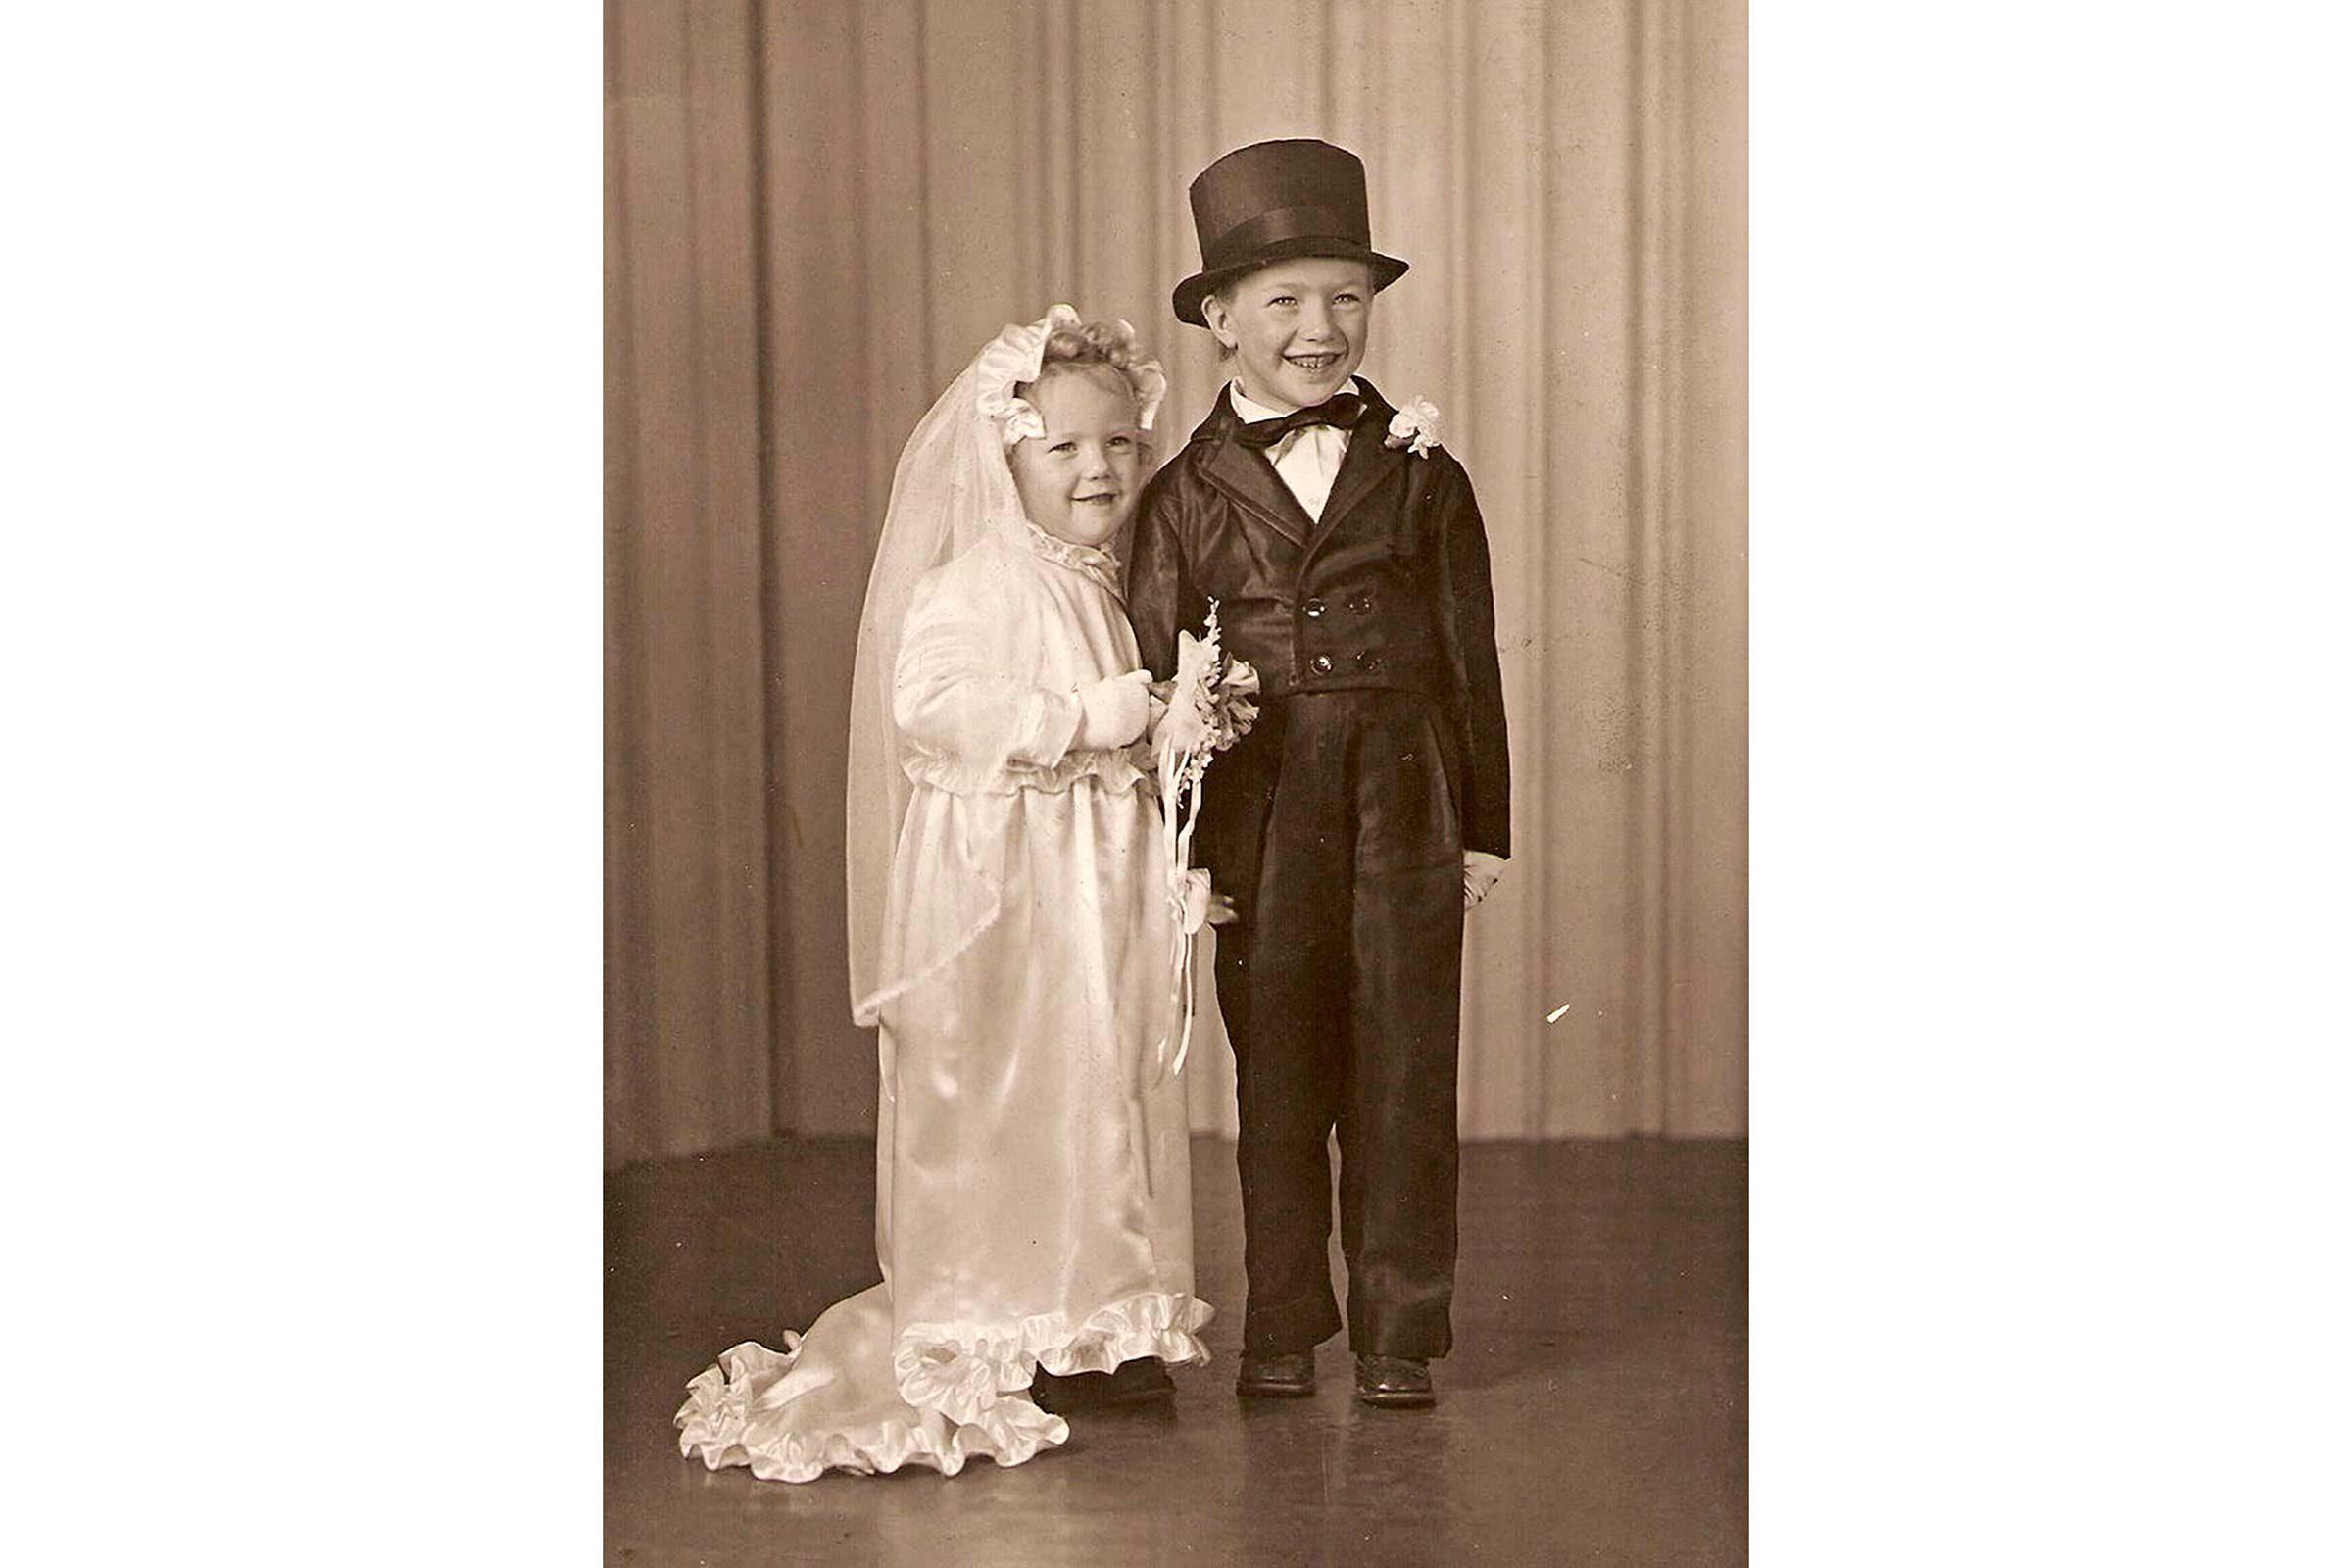 100 1950 halloween costume ufo space alien costumes props